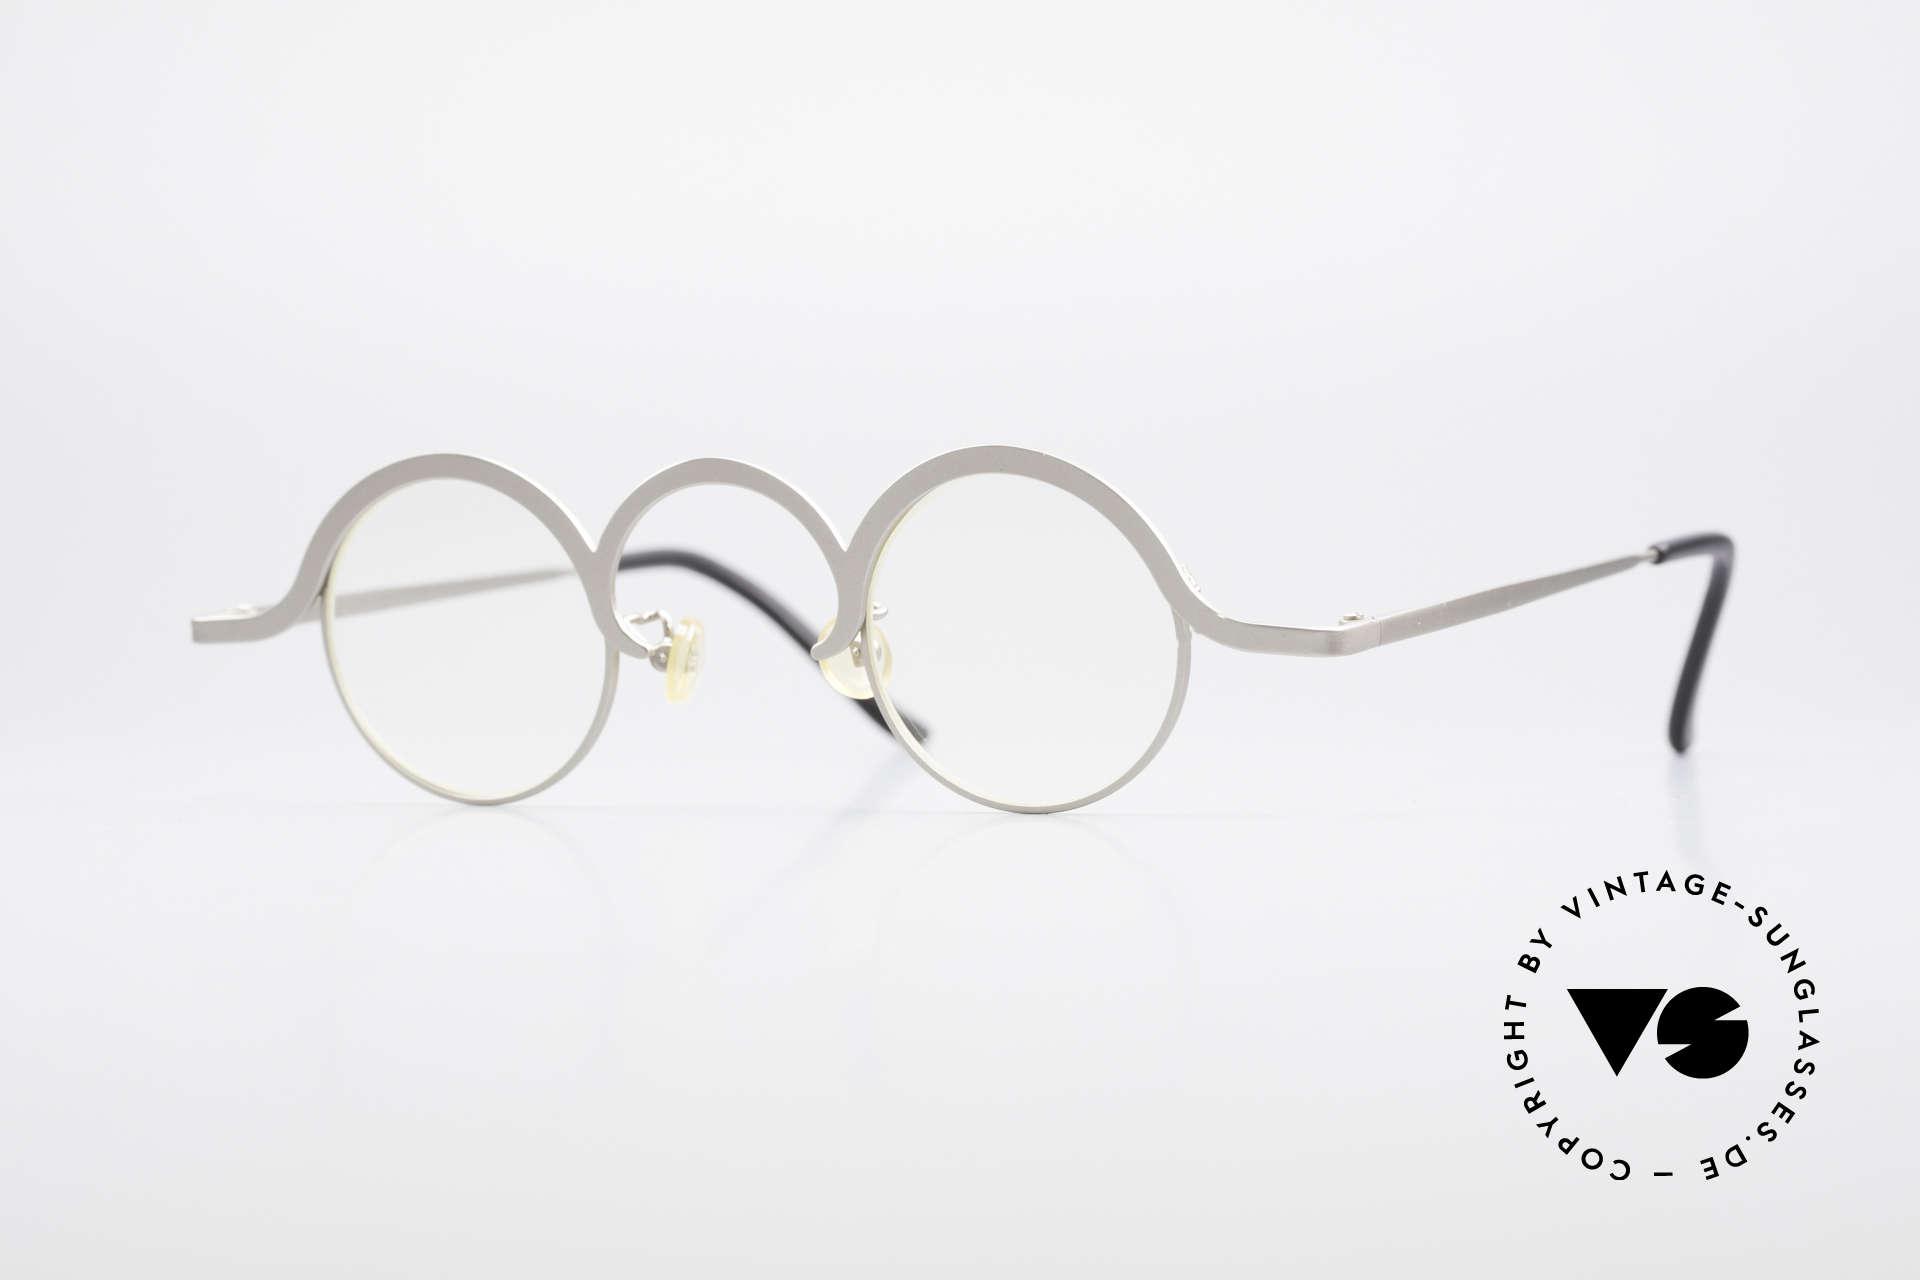 Theo Belgium Jeu Trendsetter Vintage Brille, vintage 90er Theo Belgium Brille, rundes Unisex-Mod., Passend für Herren und Damen